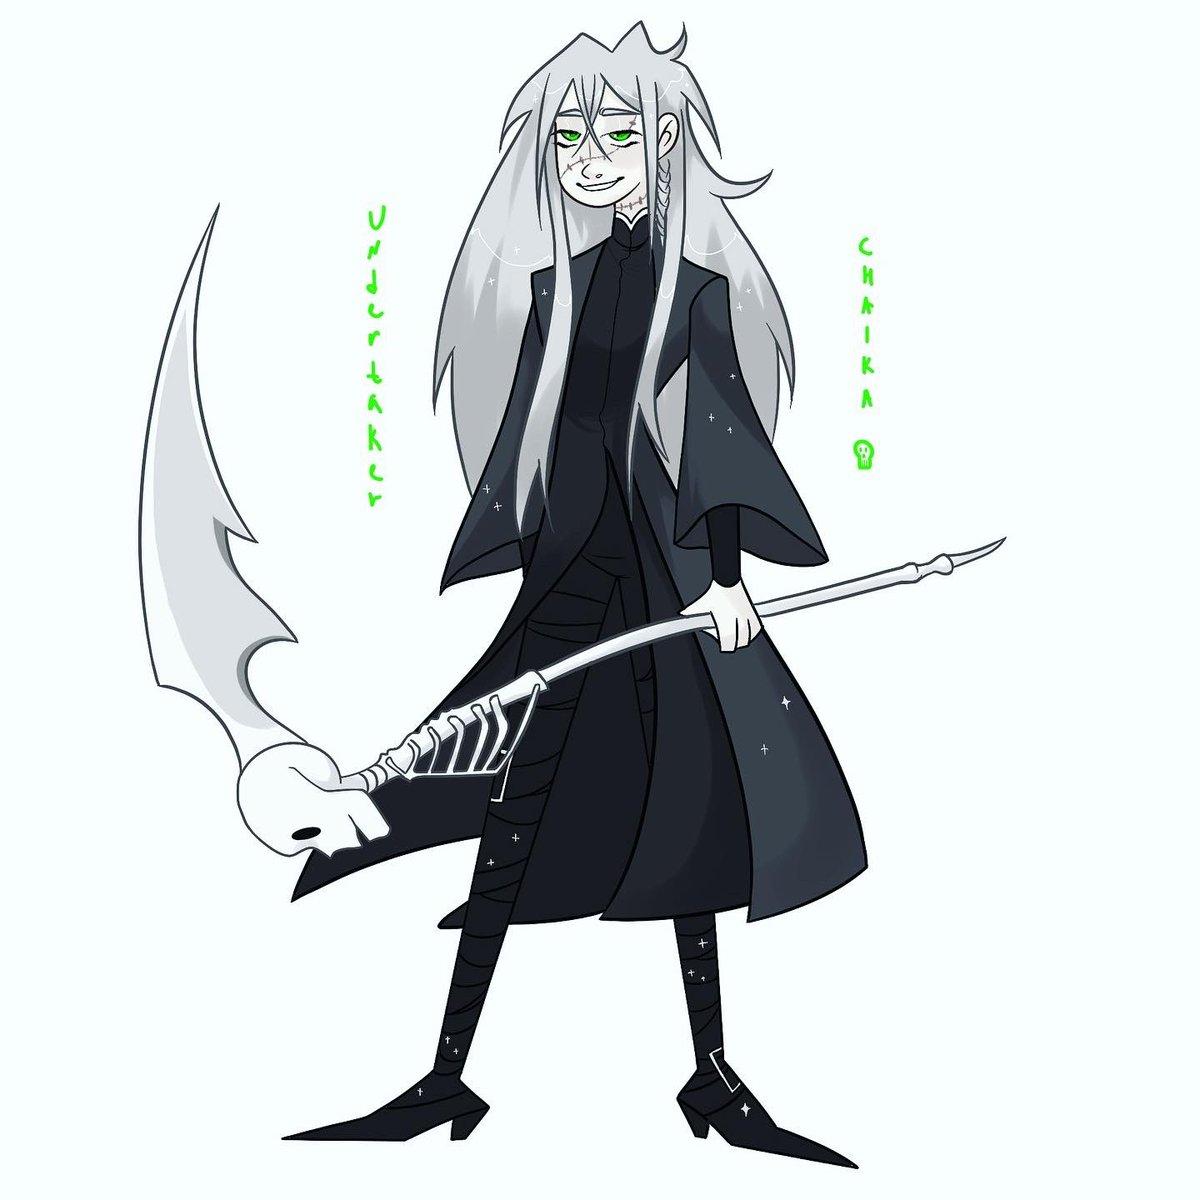 💚 #interpvscanon #blackbutler #anime